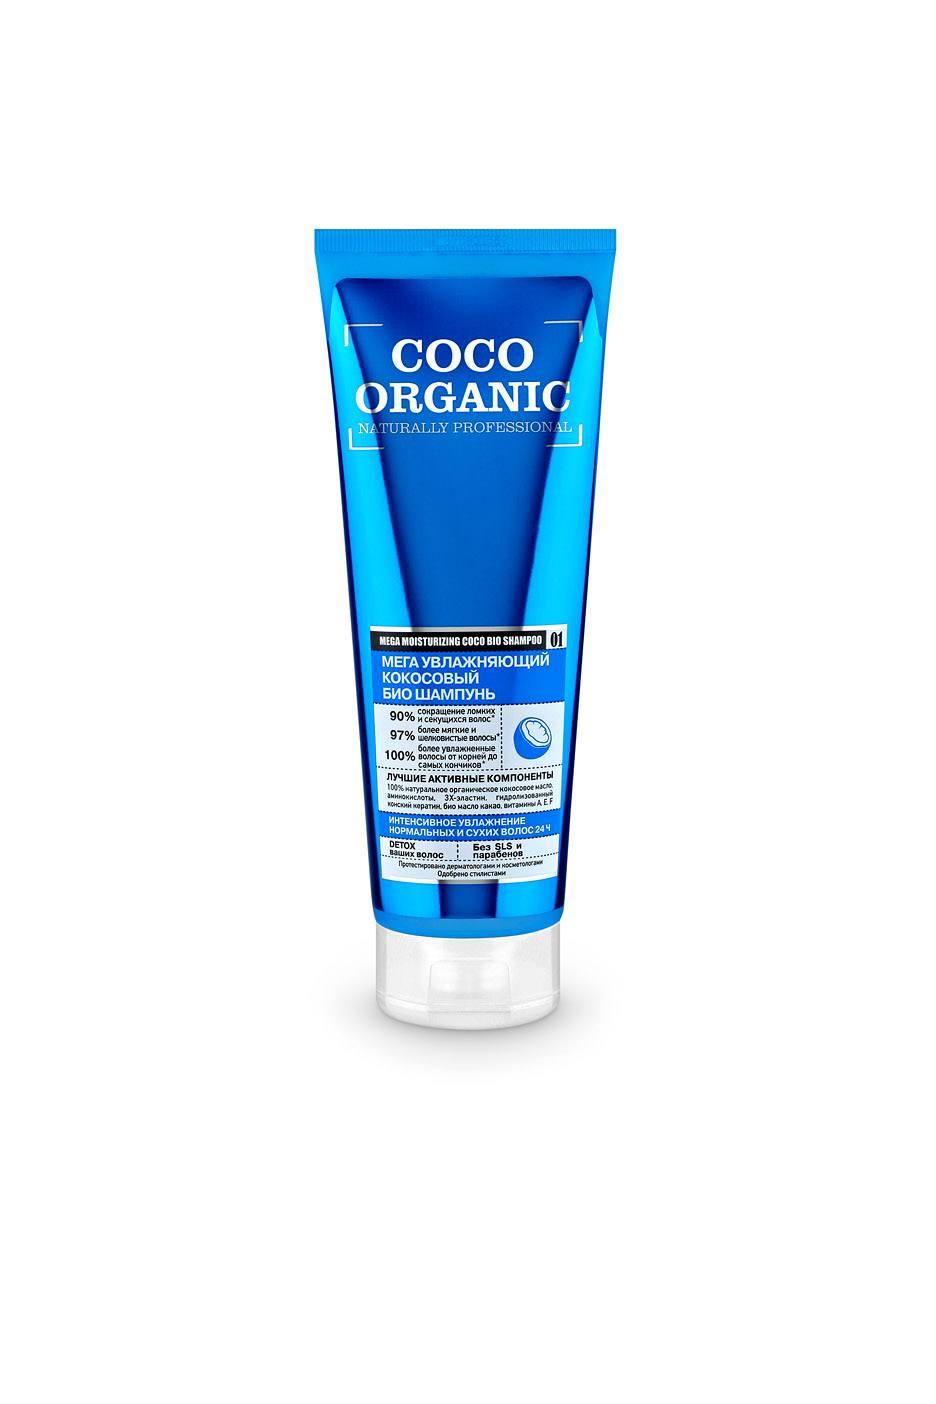 Organic naturally professional Шампунь для волос Мега увлажняющий кокосовый, 250 мл, Organic Shop  - Купить